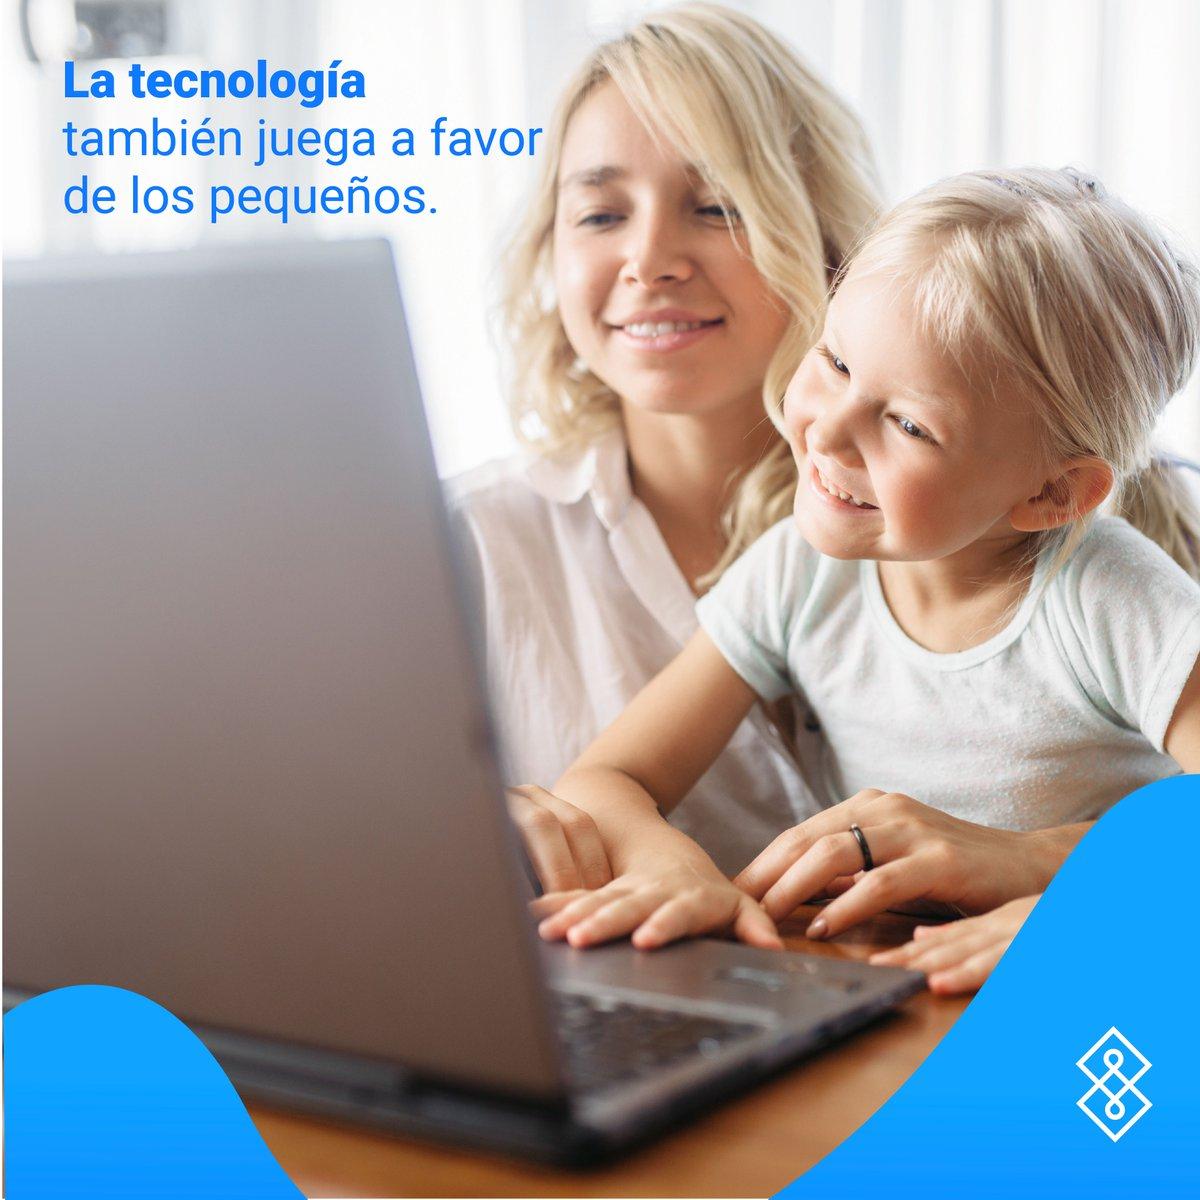 Vivir en la era digital brinda increíbles ventajas para los pequeños, así como el fácil acceso a la información.   ¡Descubre los diferentes aspectos tecnológicos que juegan a favor para los niños!  Ingresa aquí para saber más ➡️https://t.co/hLfYNDBqXo https://t.co/yUEb2LPOa7